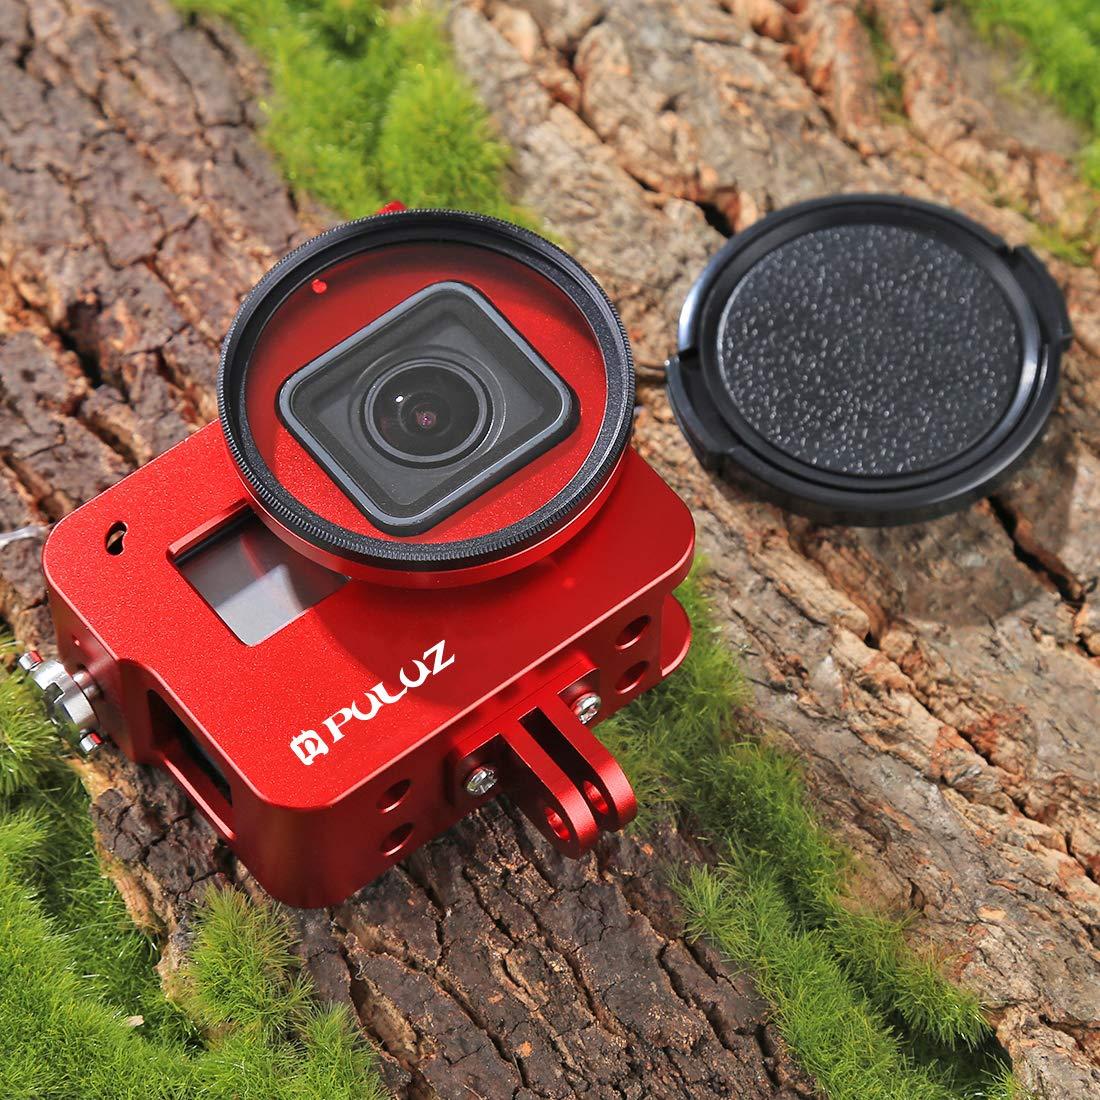 para GoPro HERO5 color negro sin cubierta trasera Carcasa protectora Puluz de aleaci/ón de aluminio con lente de 52/mm para filtrado de rayos UV para GoPro Hero5